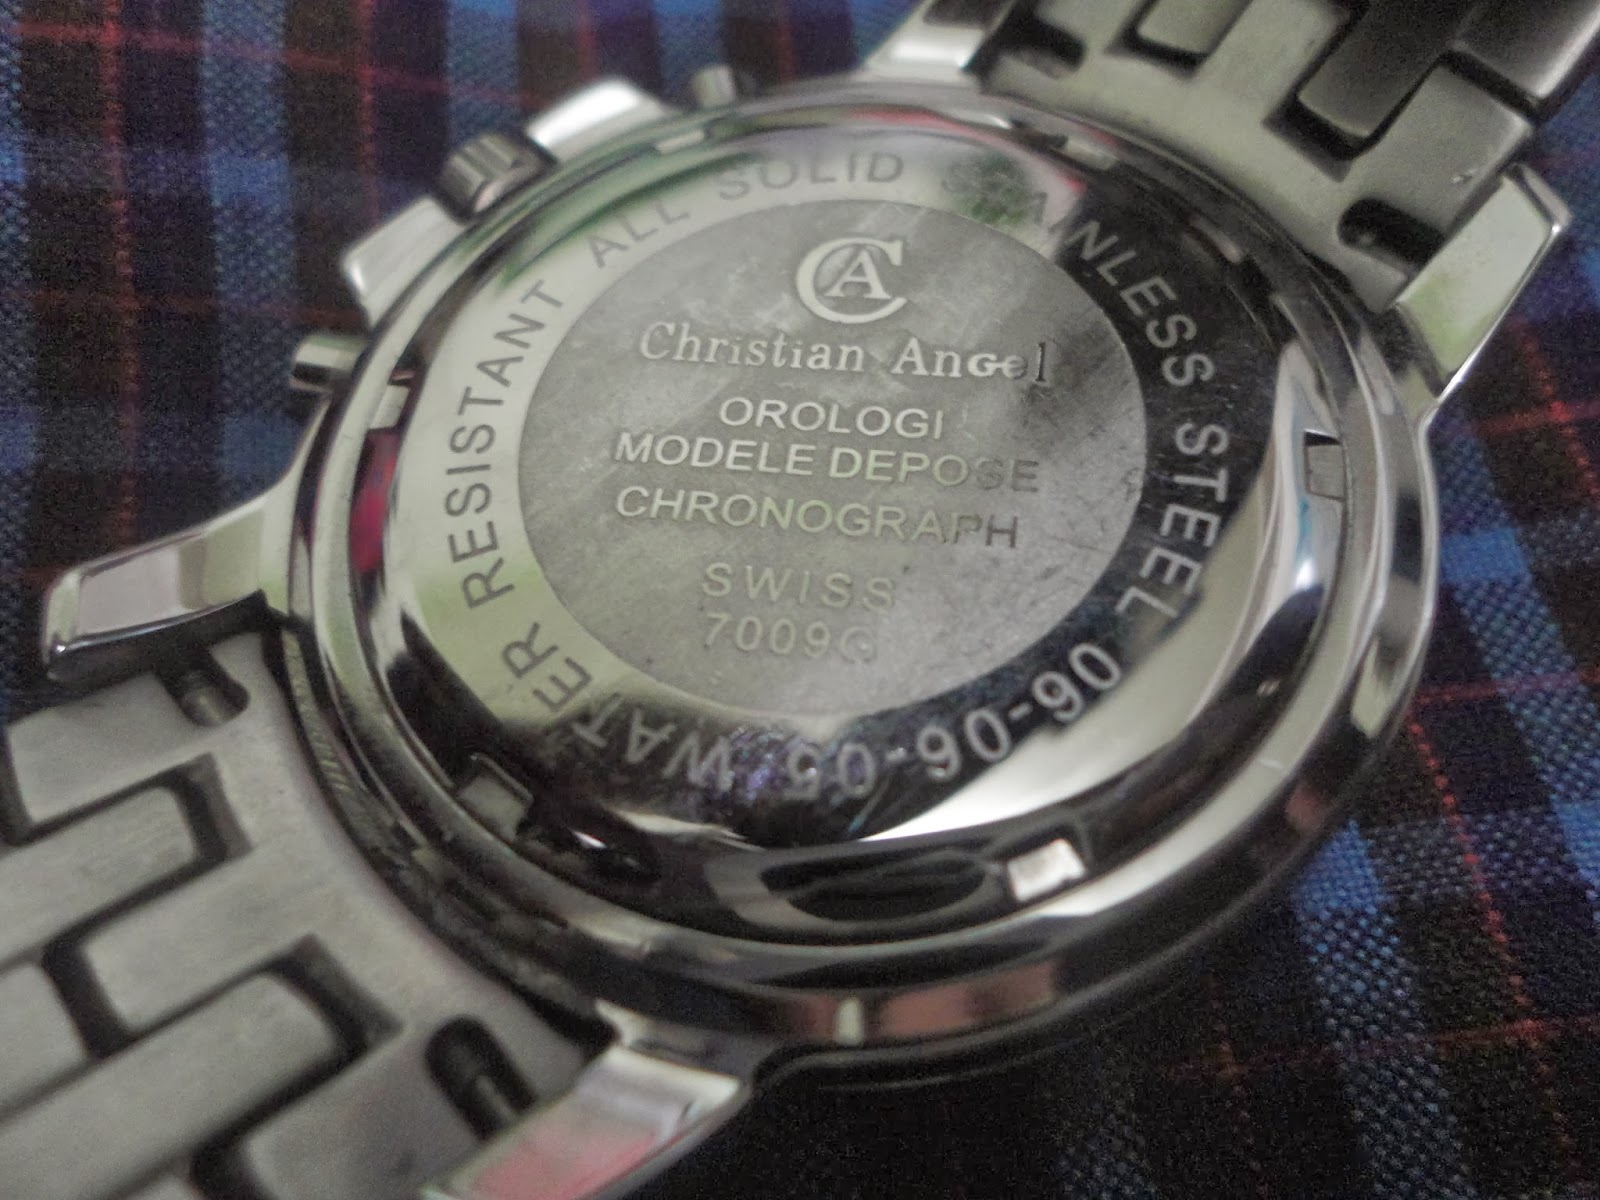 Apakah ini menandakan caliber movement swiss atau hanya jam yang latah pake embel embel Swiss